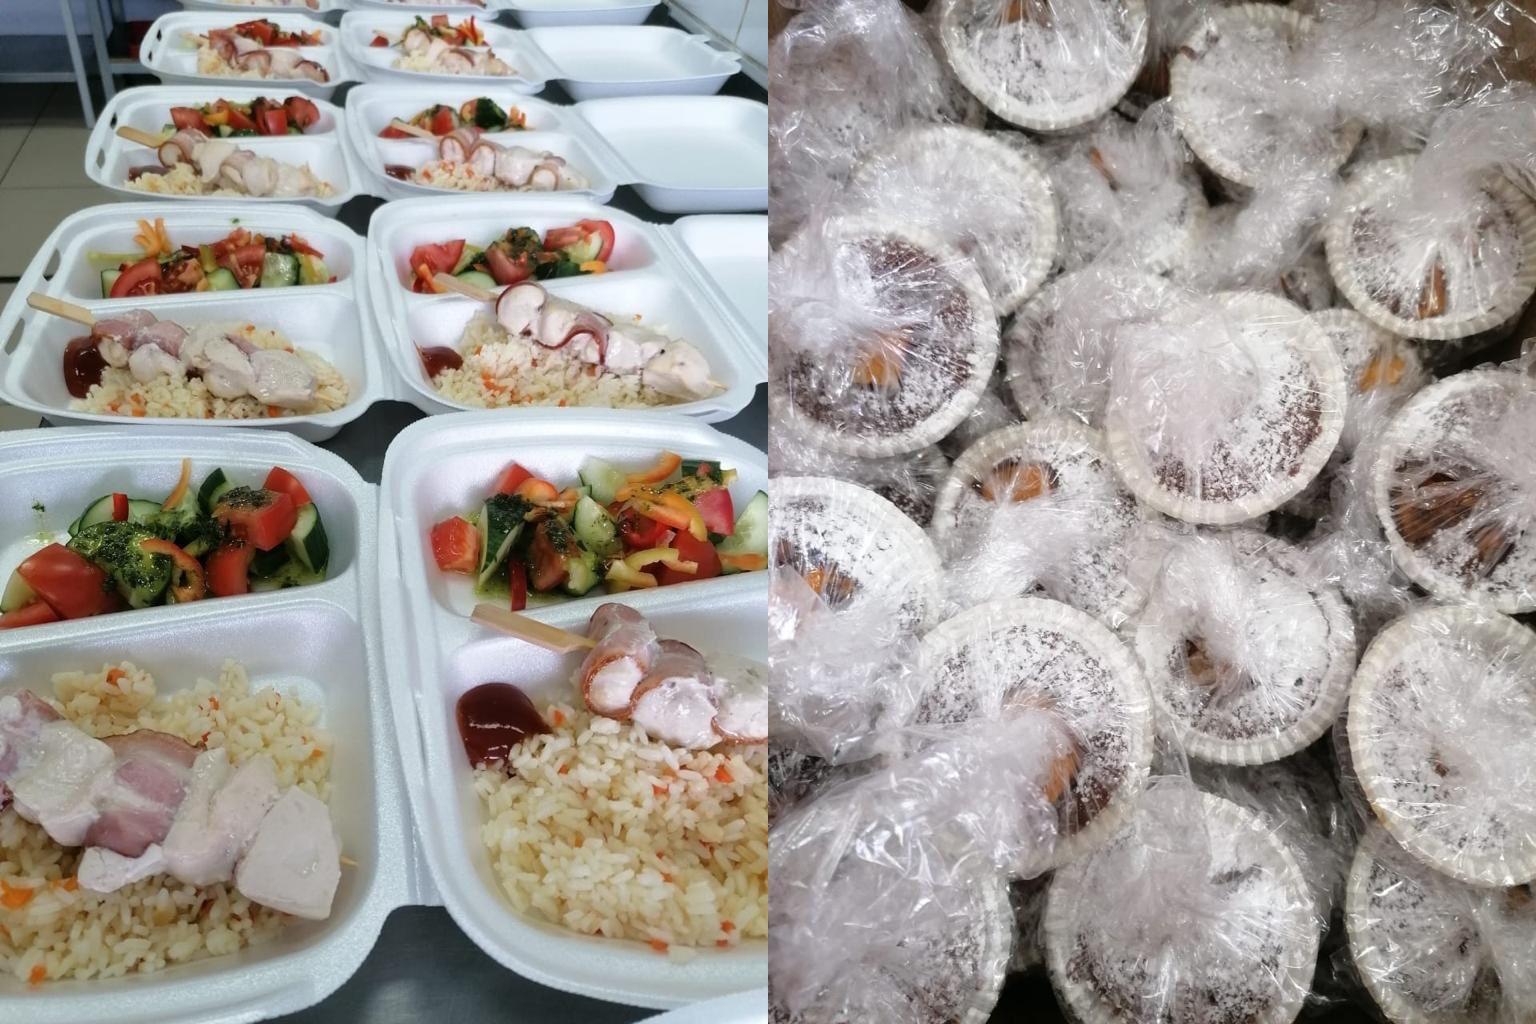 фото «Совершать добрые дела можно каждый день»: барнаульский шеф-повар устроил праздничный обед для медиков ковидного госпиталя 3